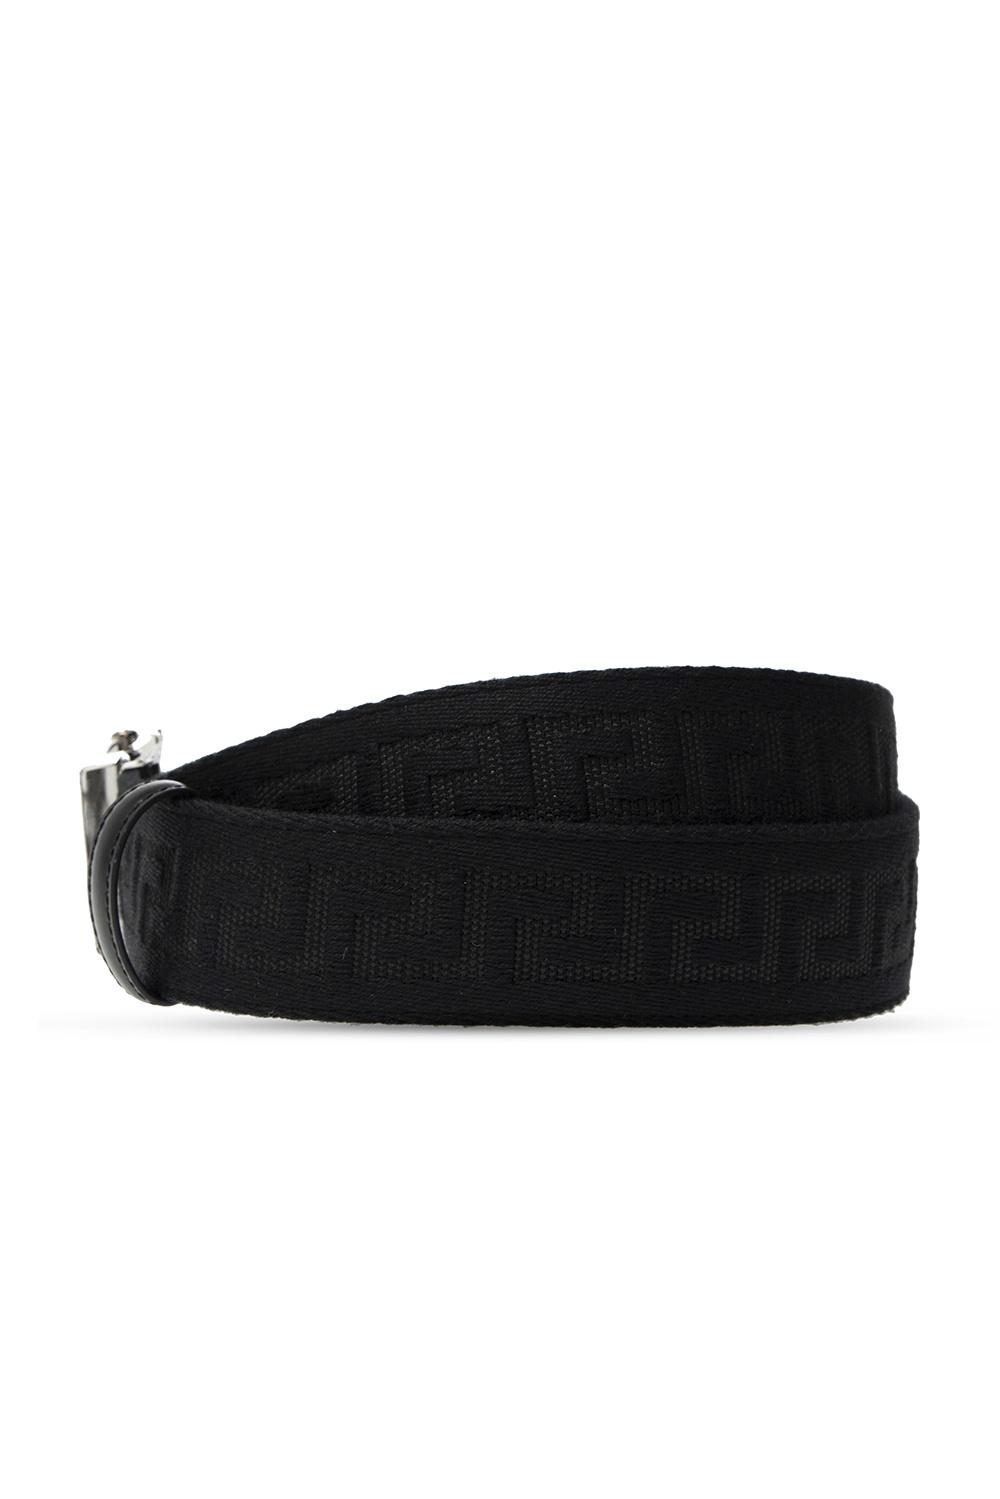 Versace Logo belt